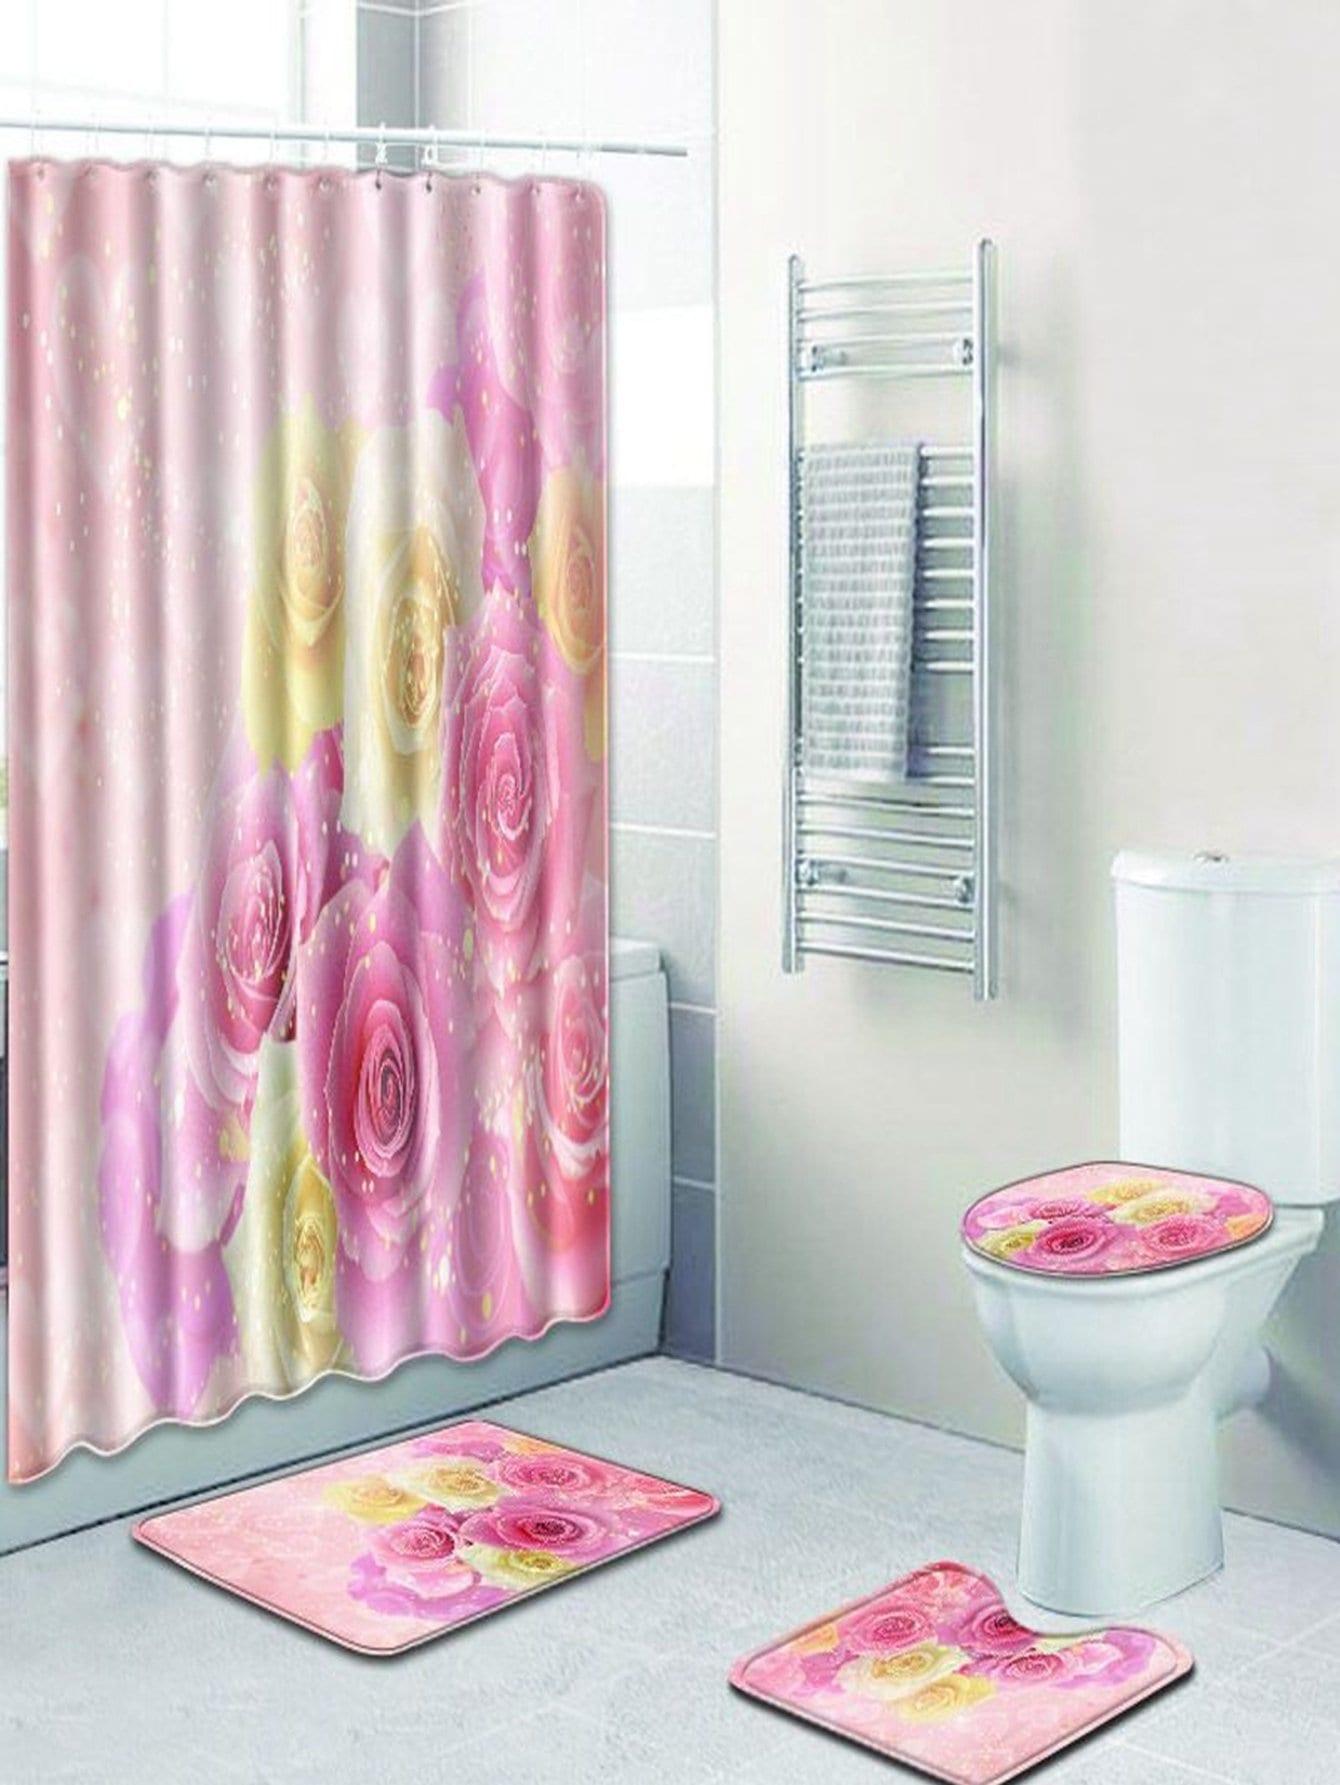 Купить 12 крючков цветочные душ шторы и ковер 3шт., null, SheIn